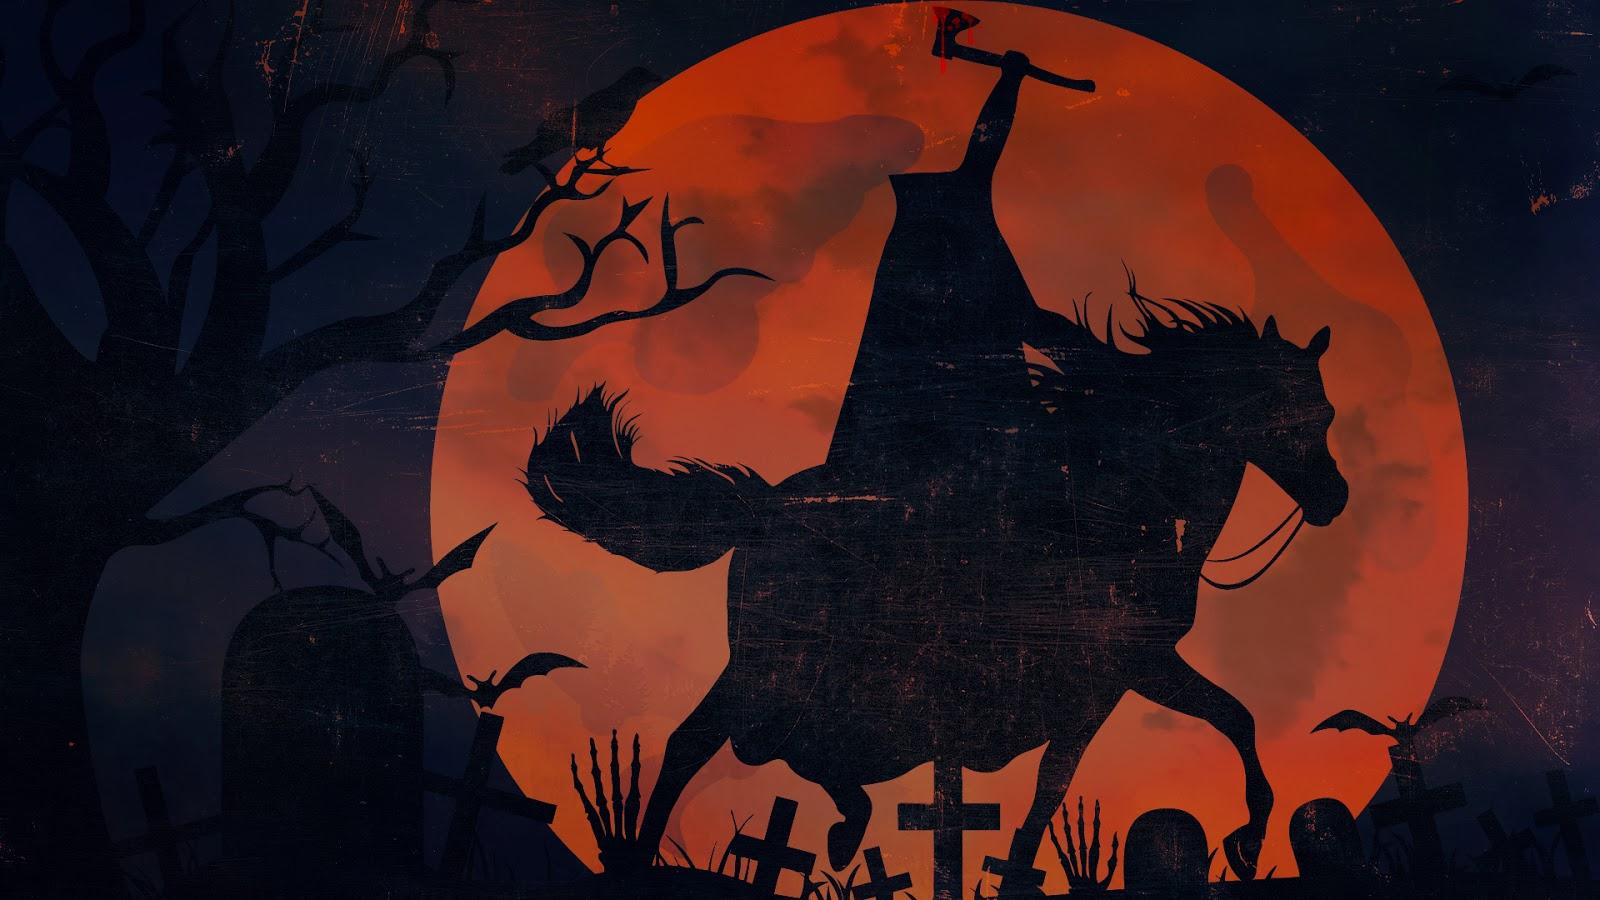 hình nền lol halloween